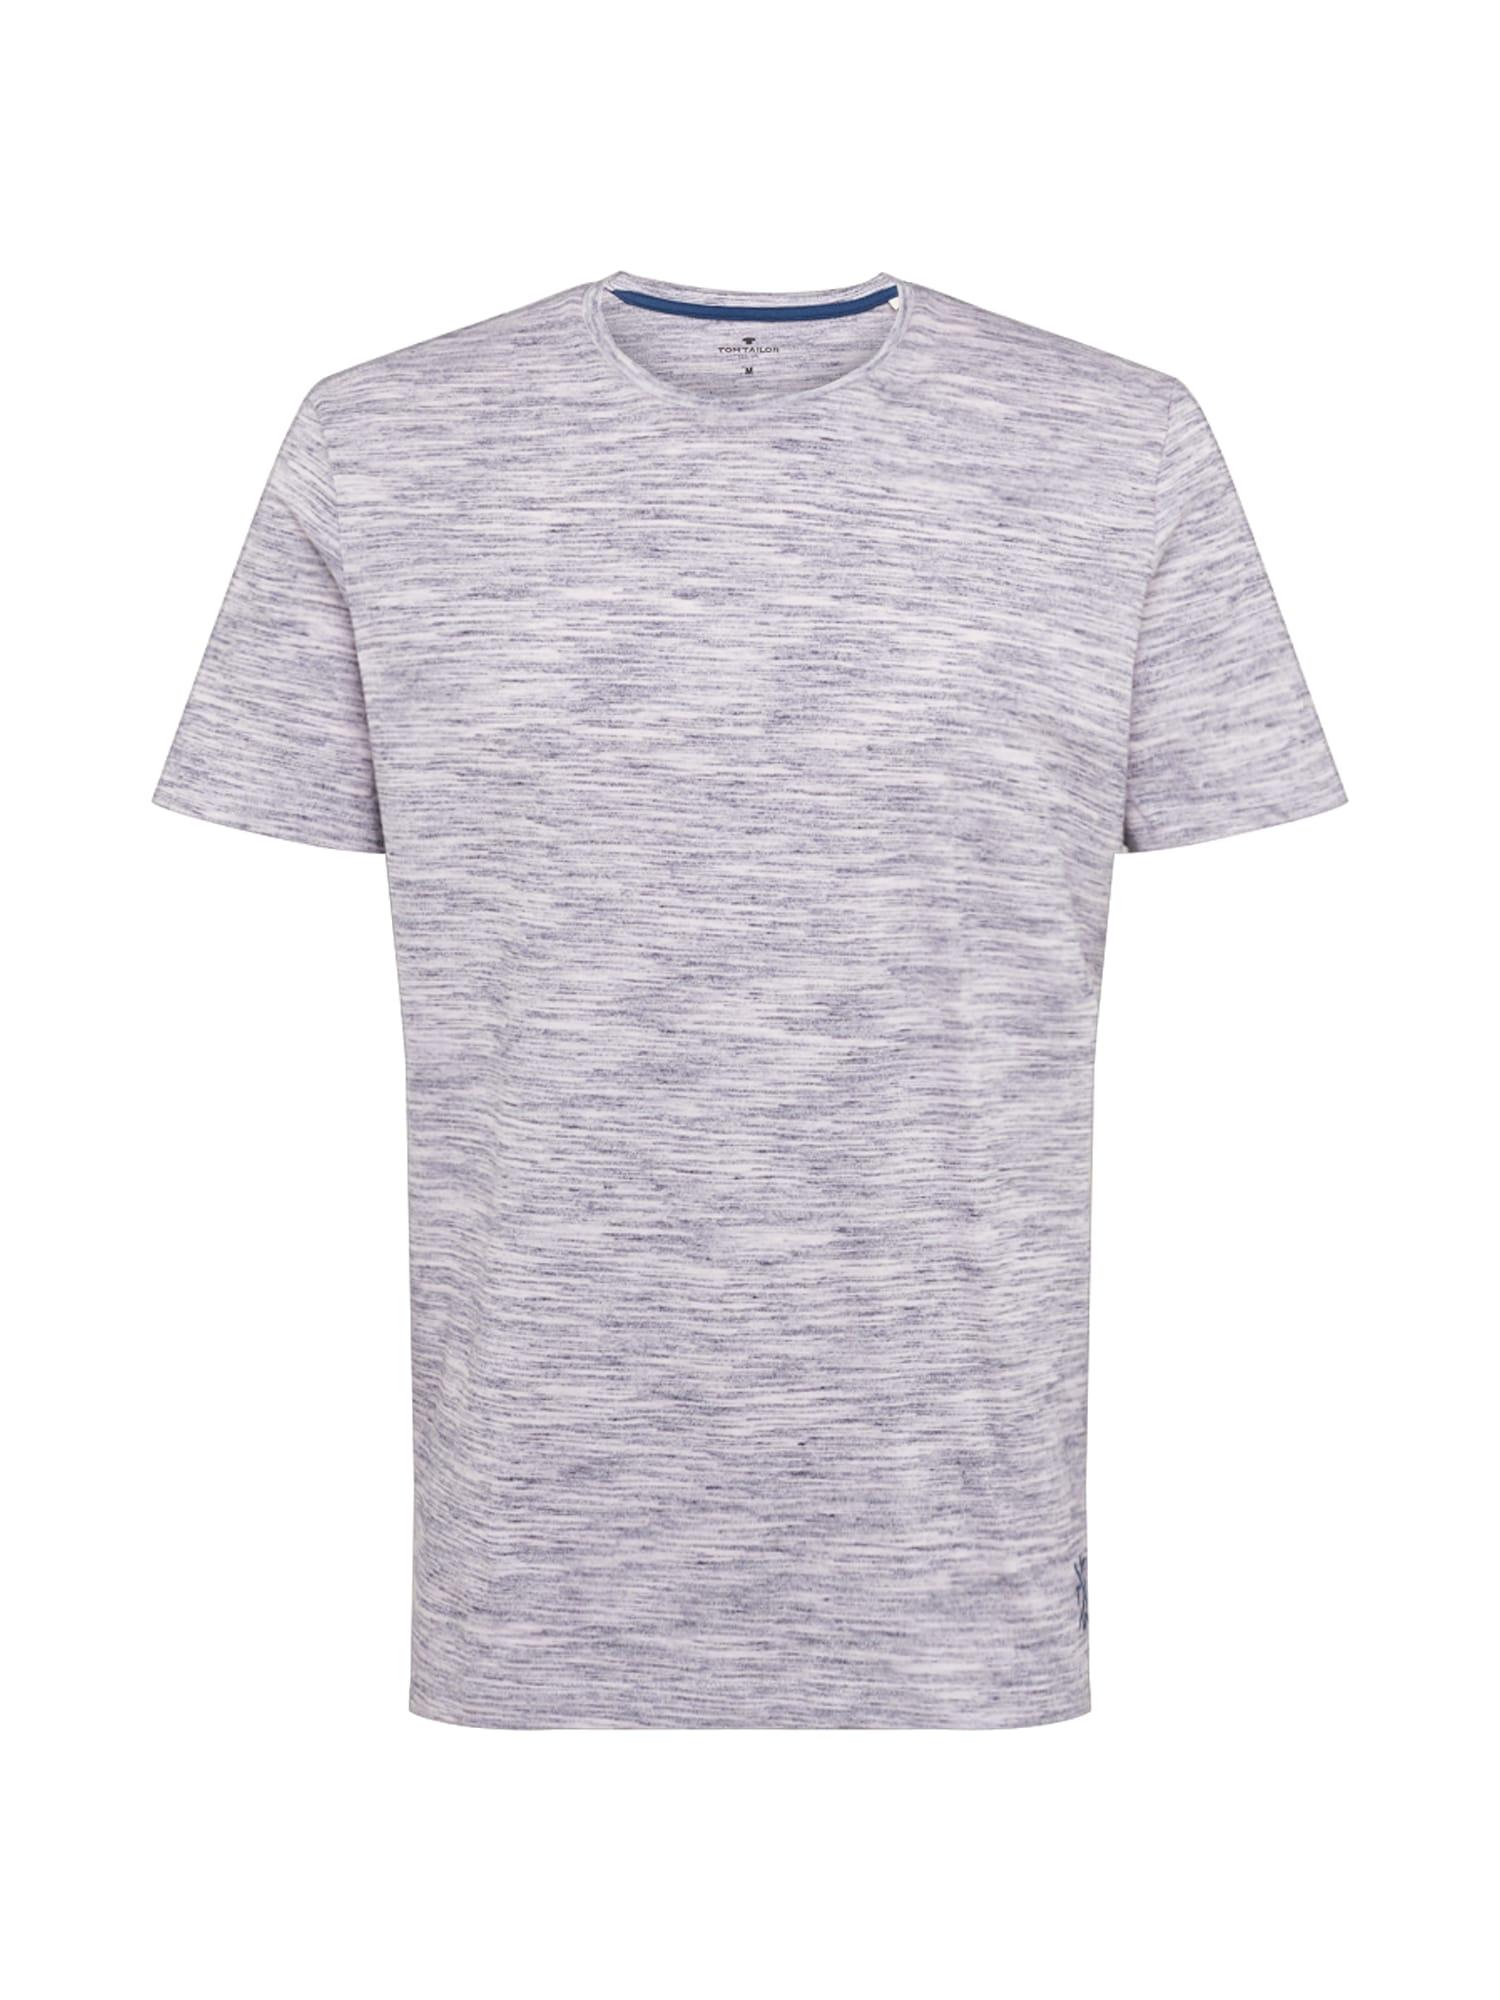 TOM TAILOR Tričko  šedobiela / sivá melírovaná